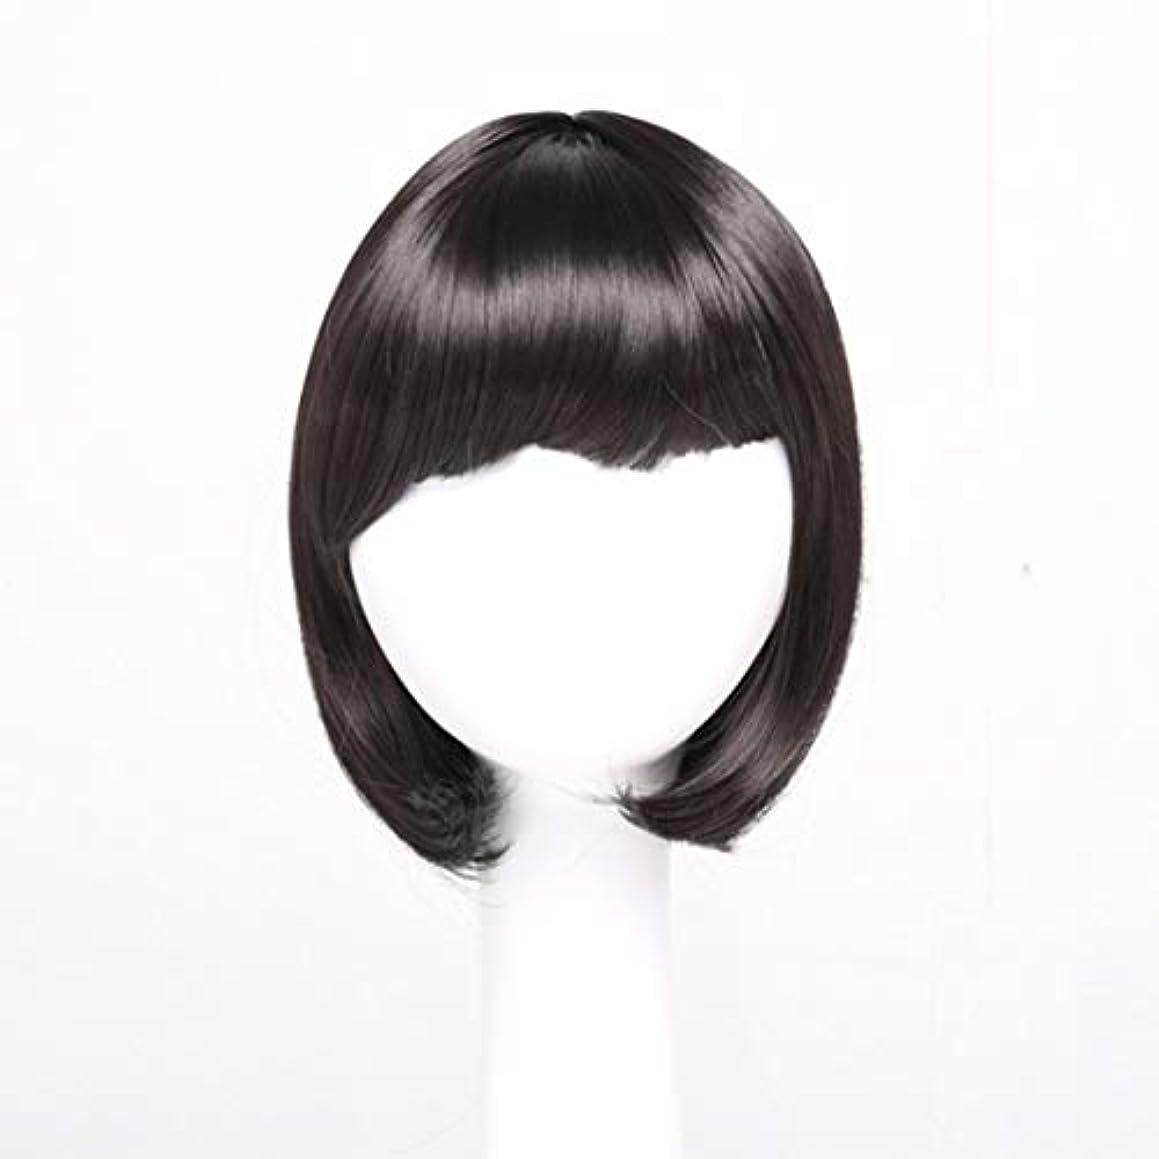 北方承知しましたベーリング海峡Kerwinner ショートボブの髪ウィッグストレート前髪付き合成カラフルなコスプレデイリーパーティーウィッグ本物の髪として自然な女性のための